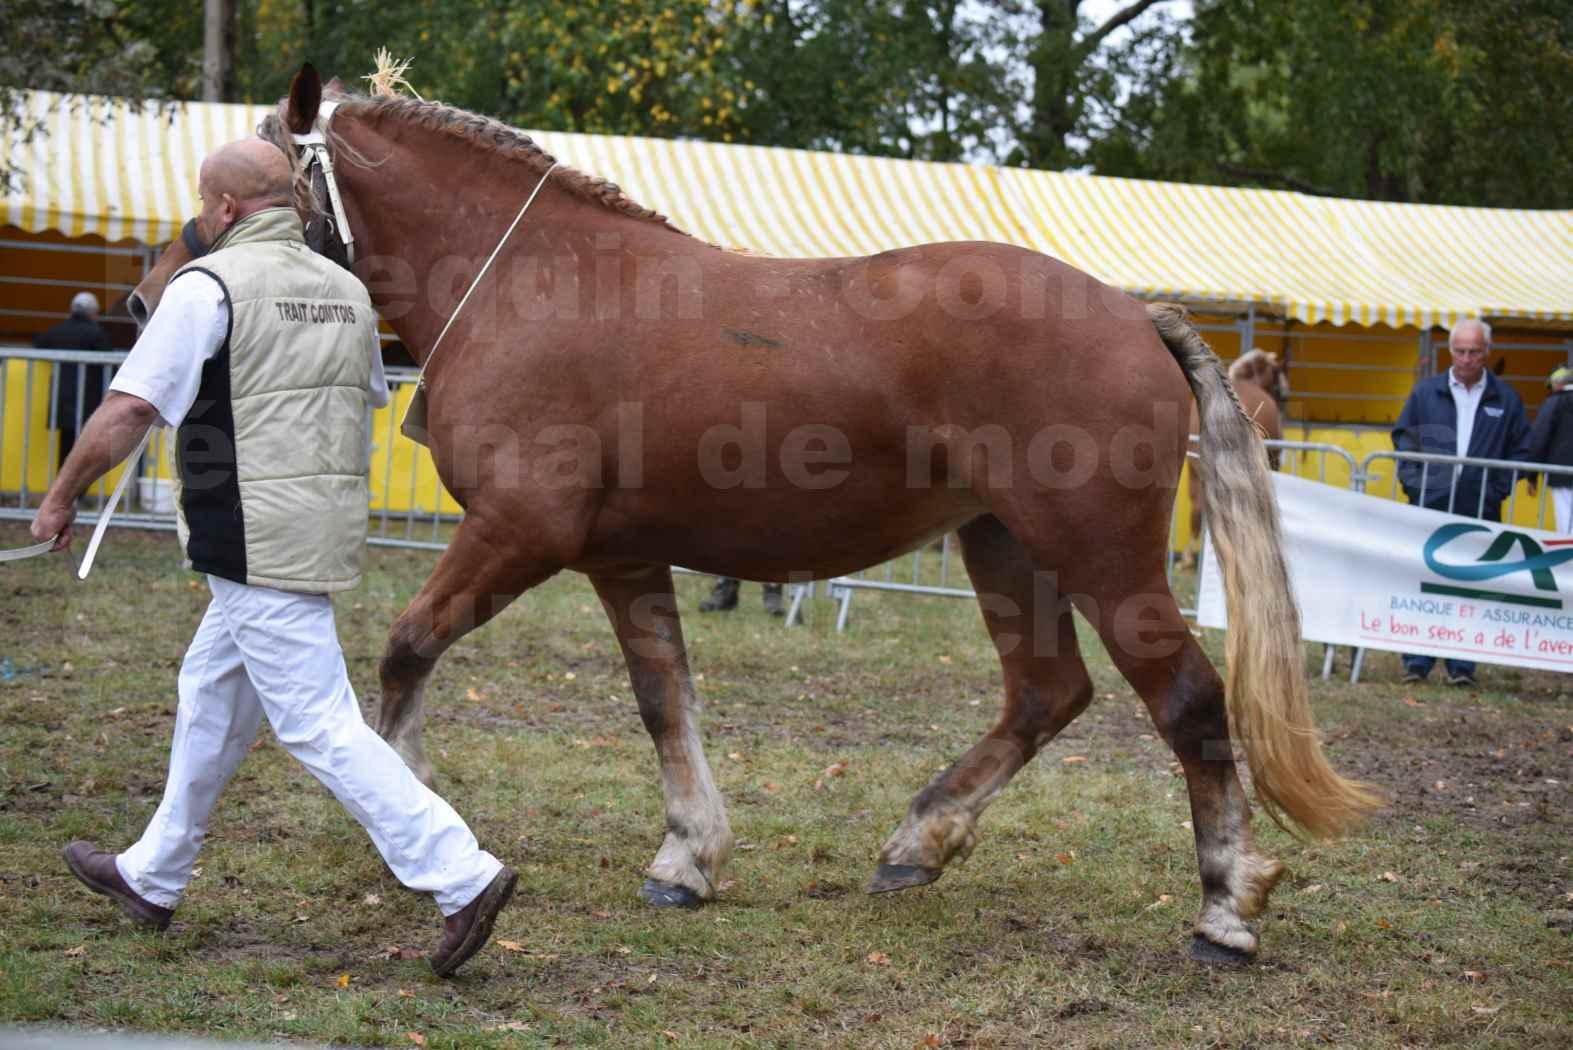 Concours Régional de chevaux de traits en 2017 - Trait COMTOIS - ERANIE DES RAYNAUDS - 14